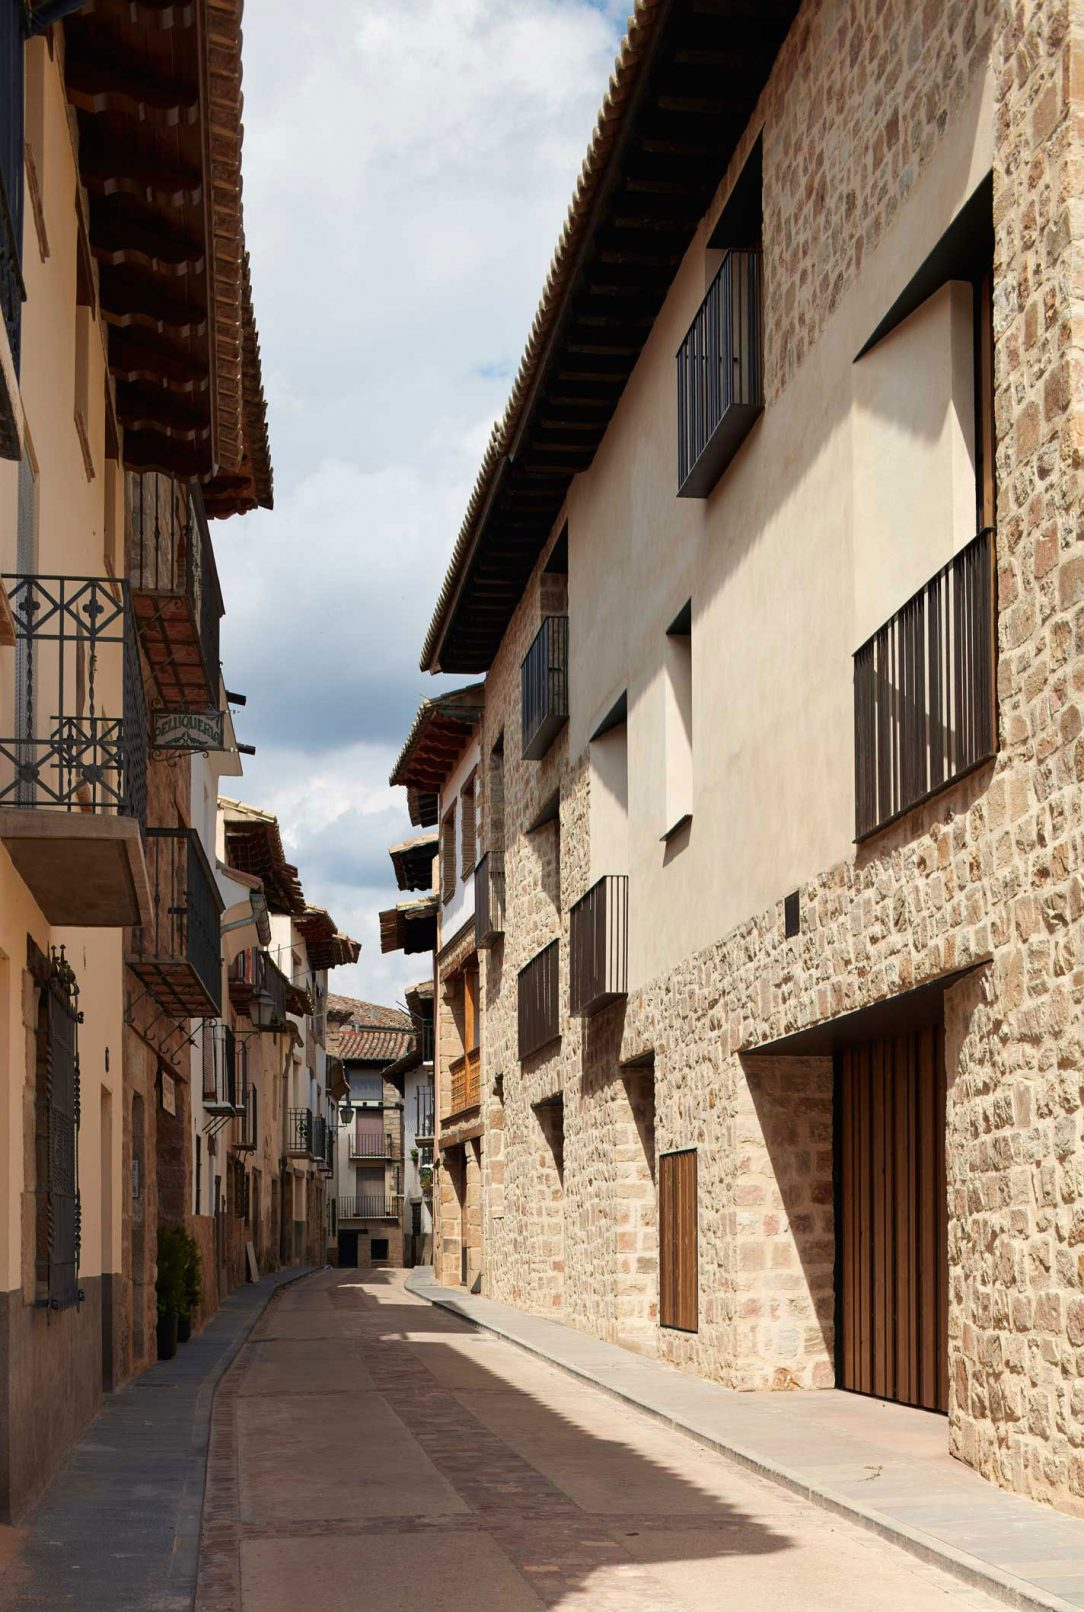 panielske mesto Rubielos de Mora leží na náhornej plošine len 52 kilometrov od hlavného mesta.